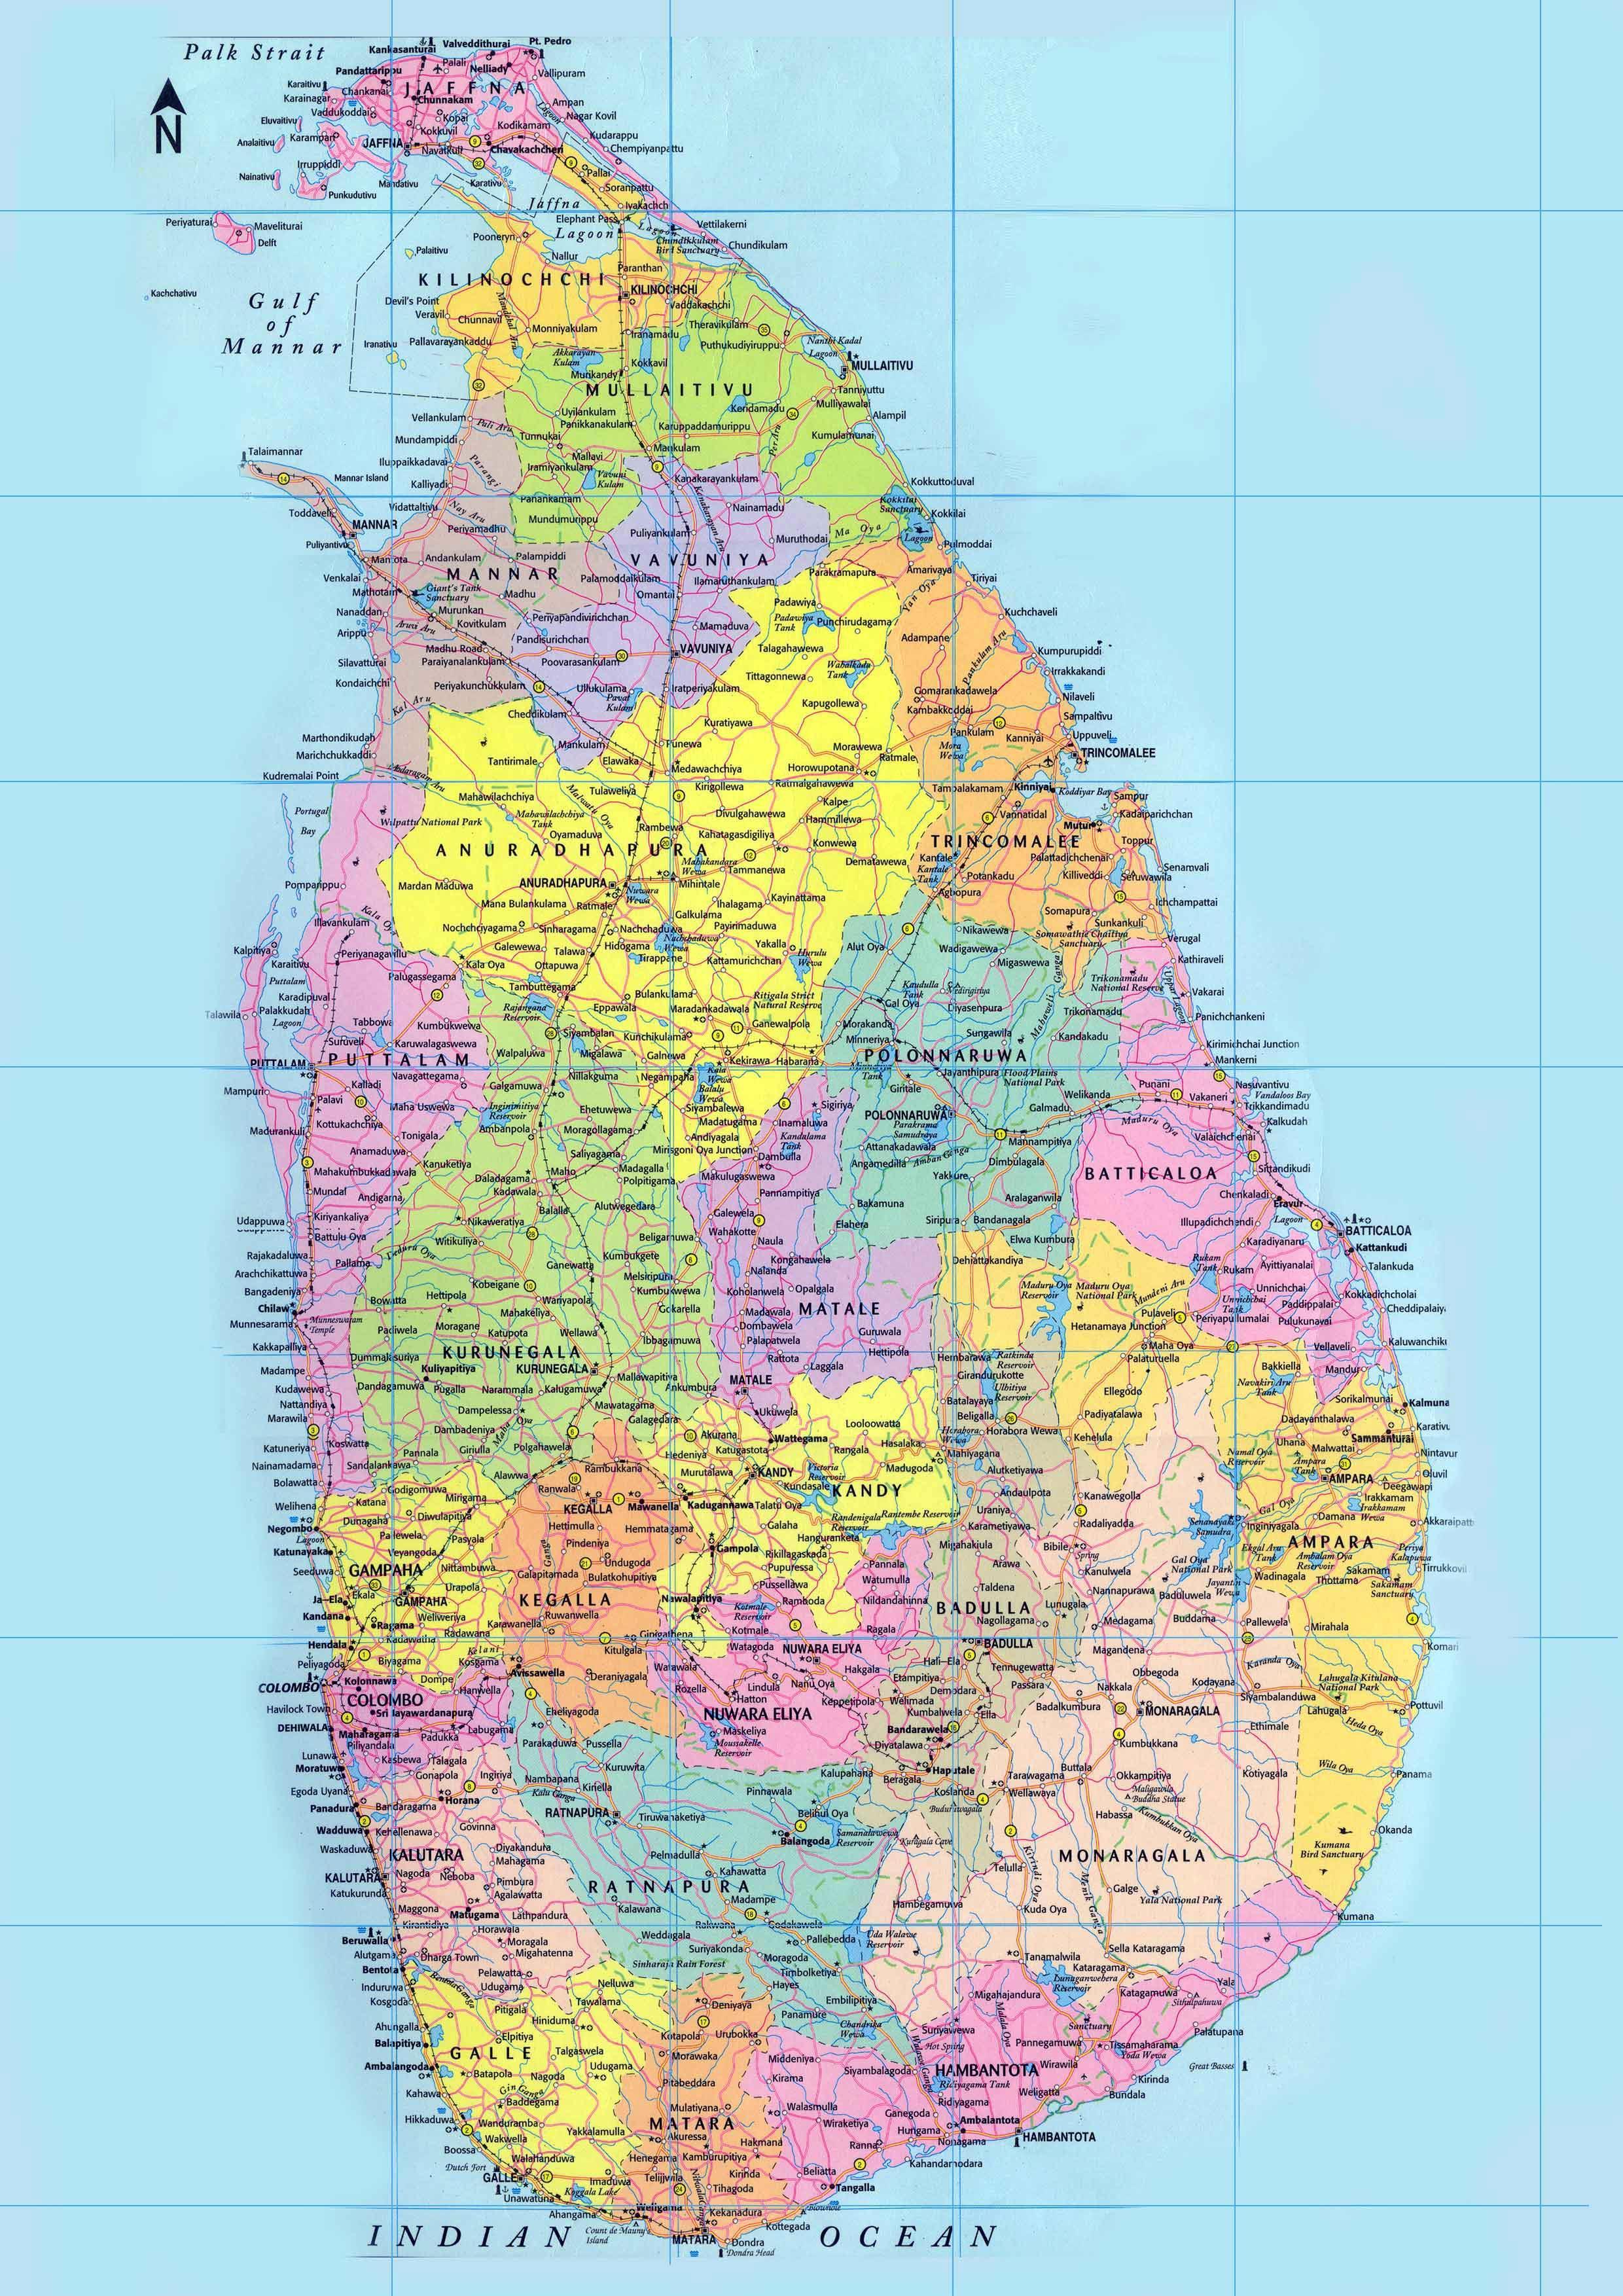 Sri Lankan Kartta Sinhala Yksityiskohtainen Kartta Sri Lankan